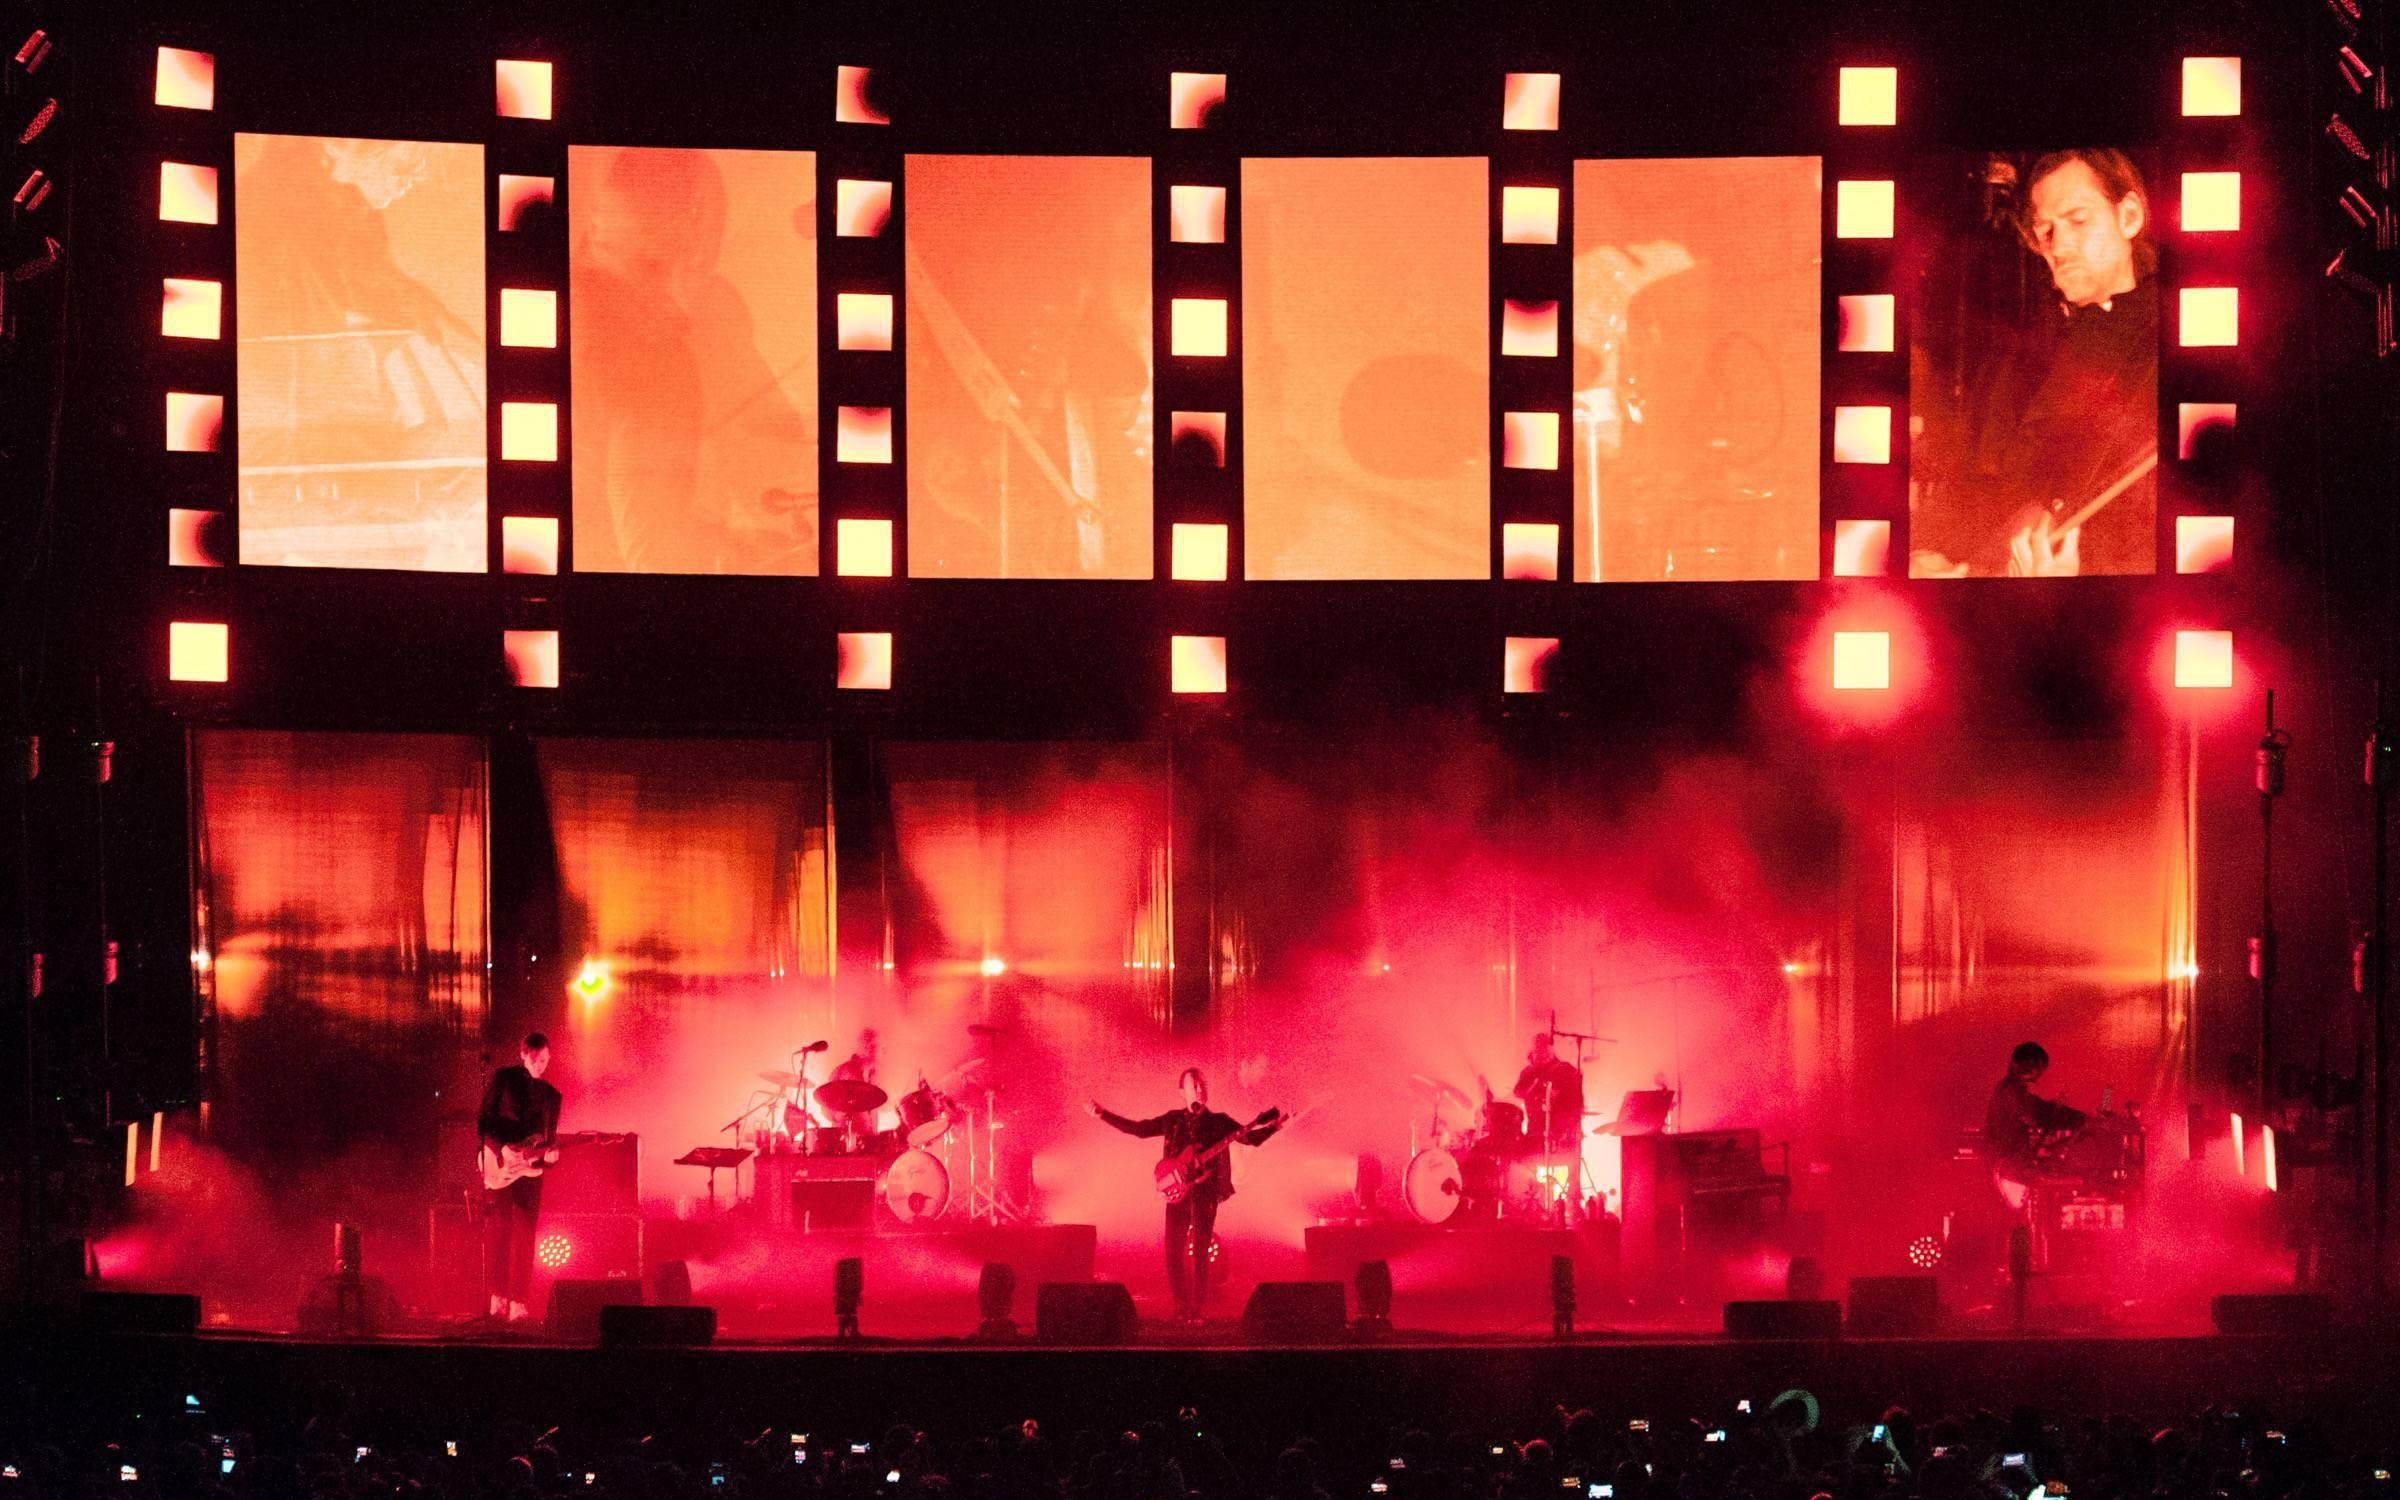 Radiohead pone a la venta 18 horas de música inédita filtrada por una buena causa